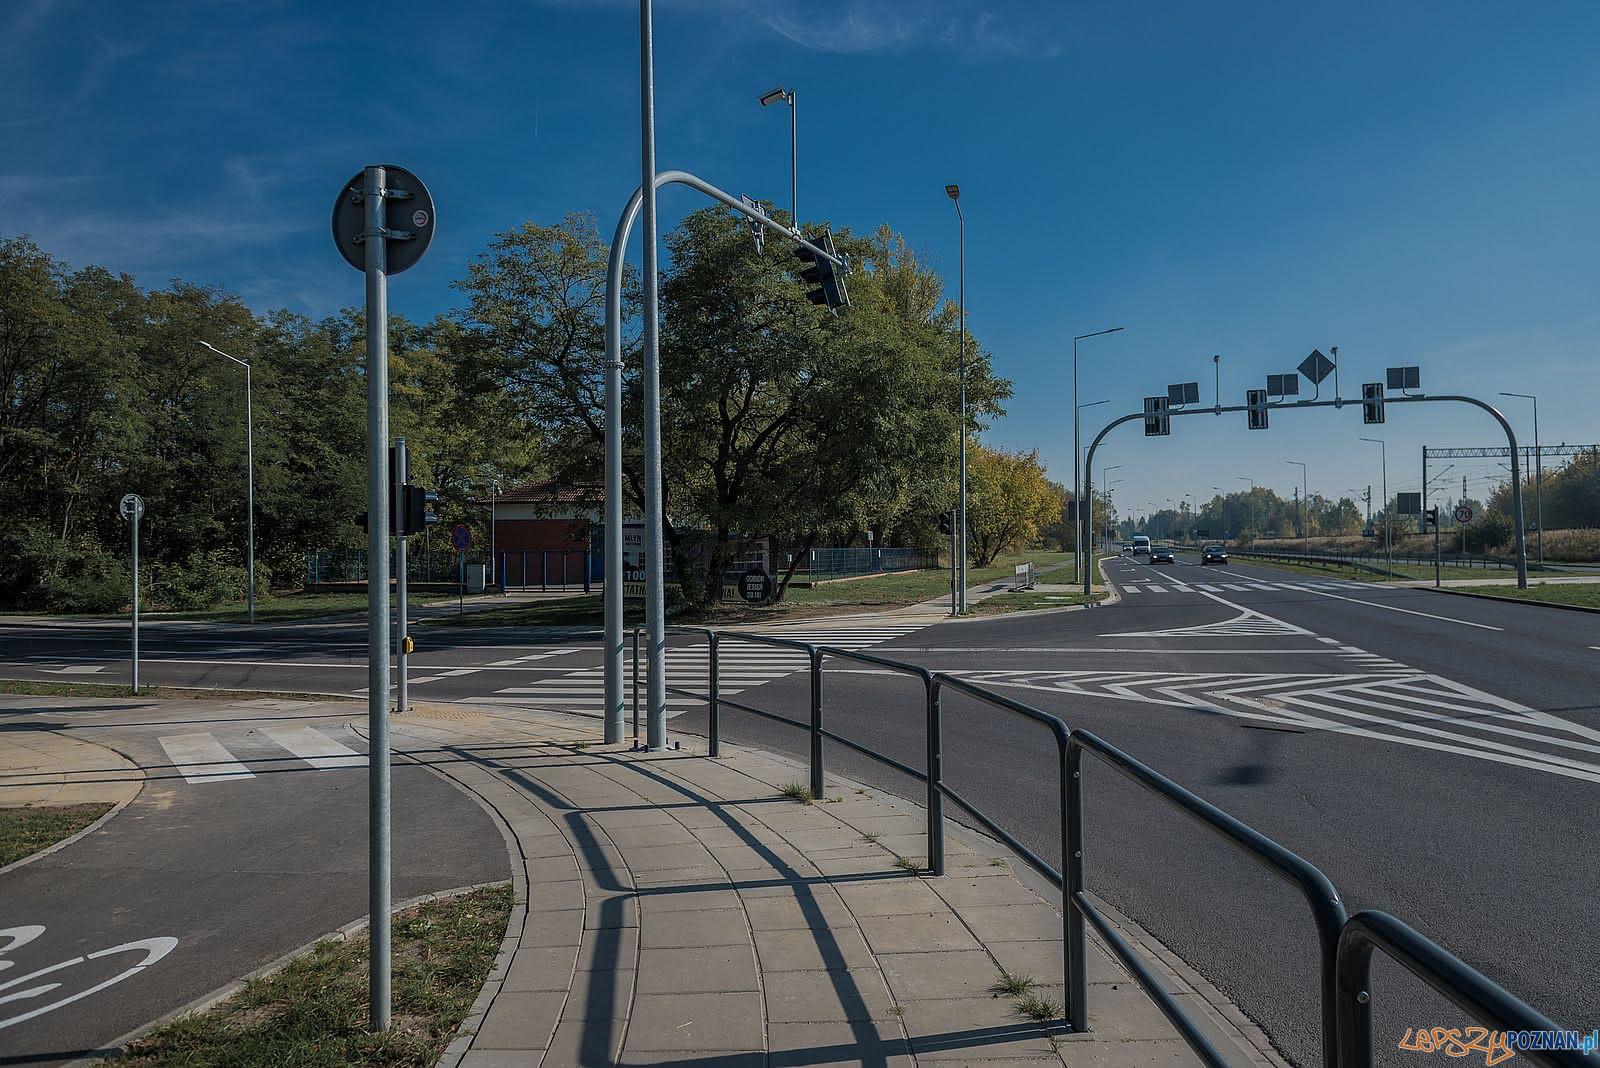 Warszawska - Zieliniec - skrzyżowanie  Foto: Volkswagen - materiały prasowe